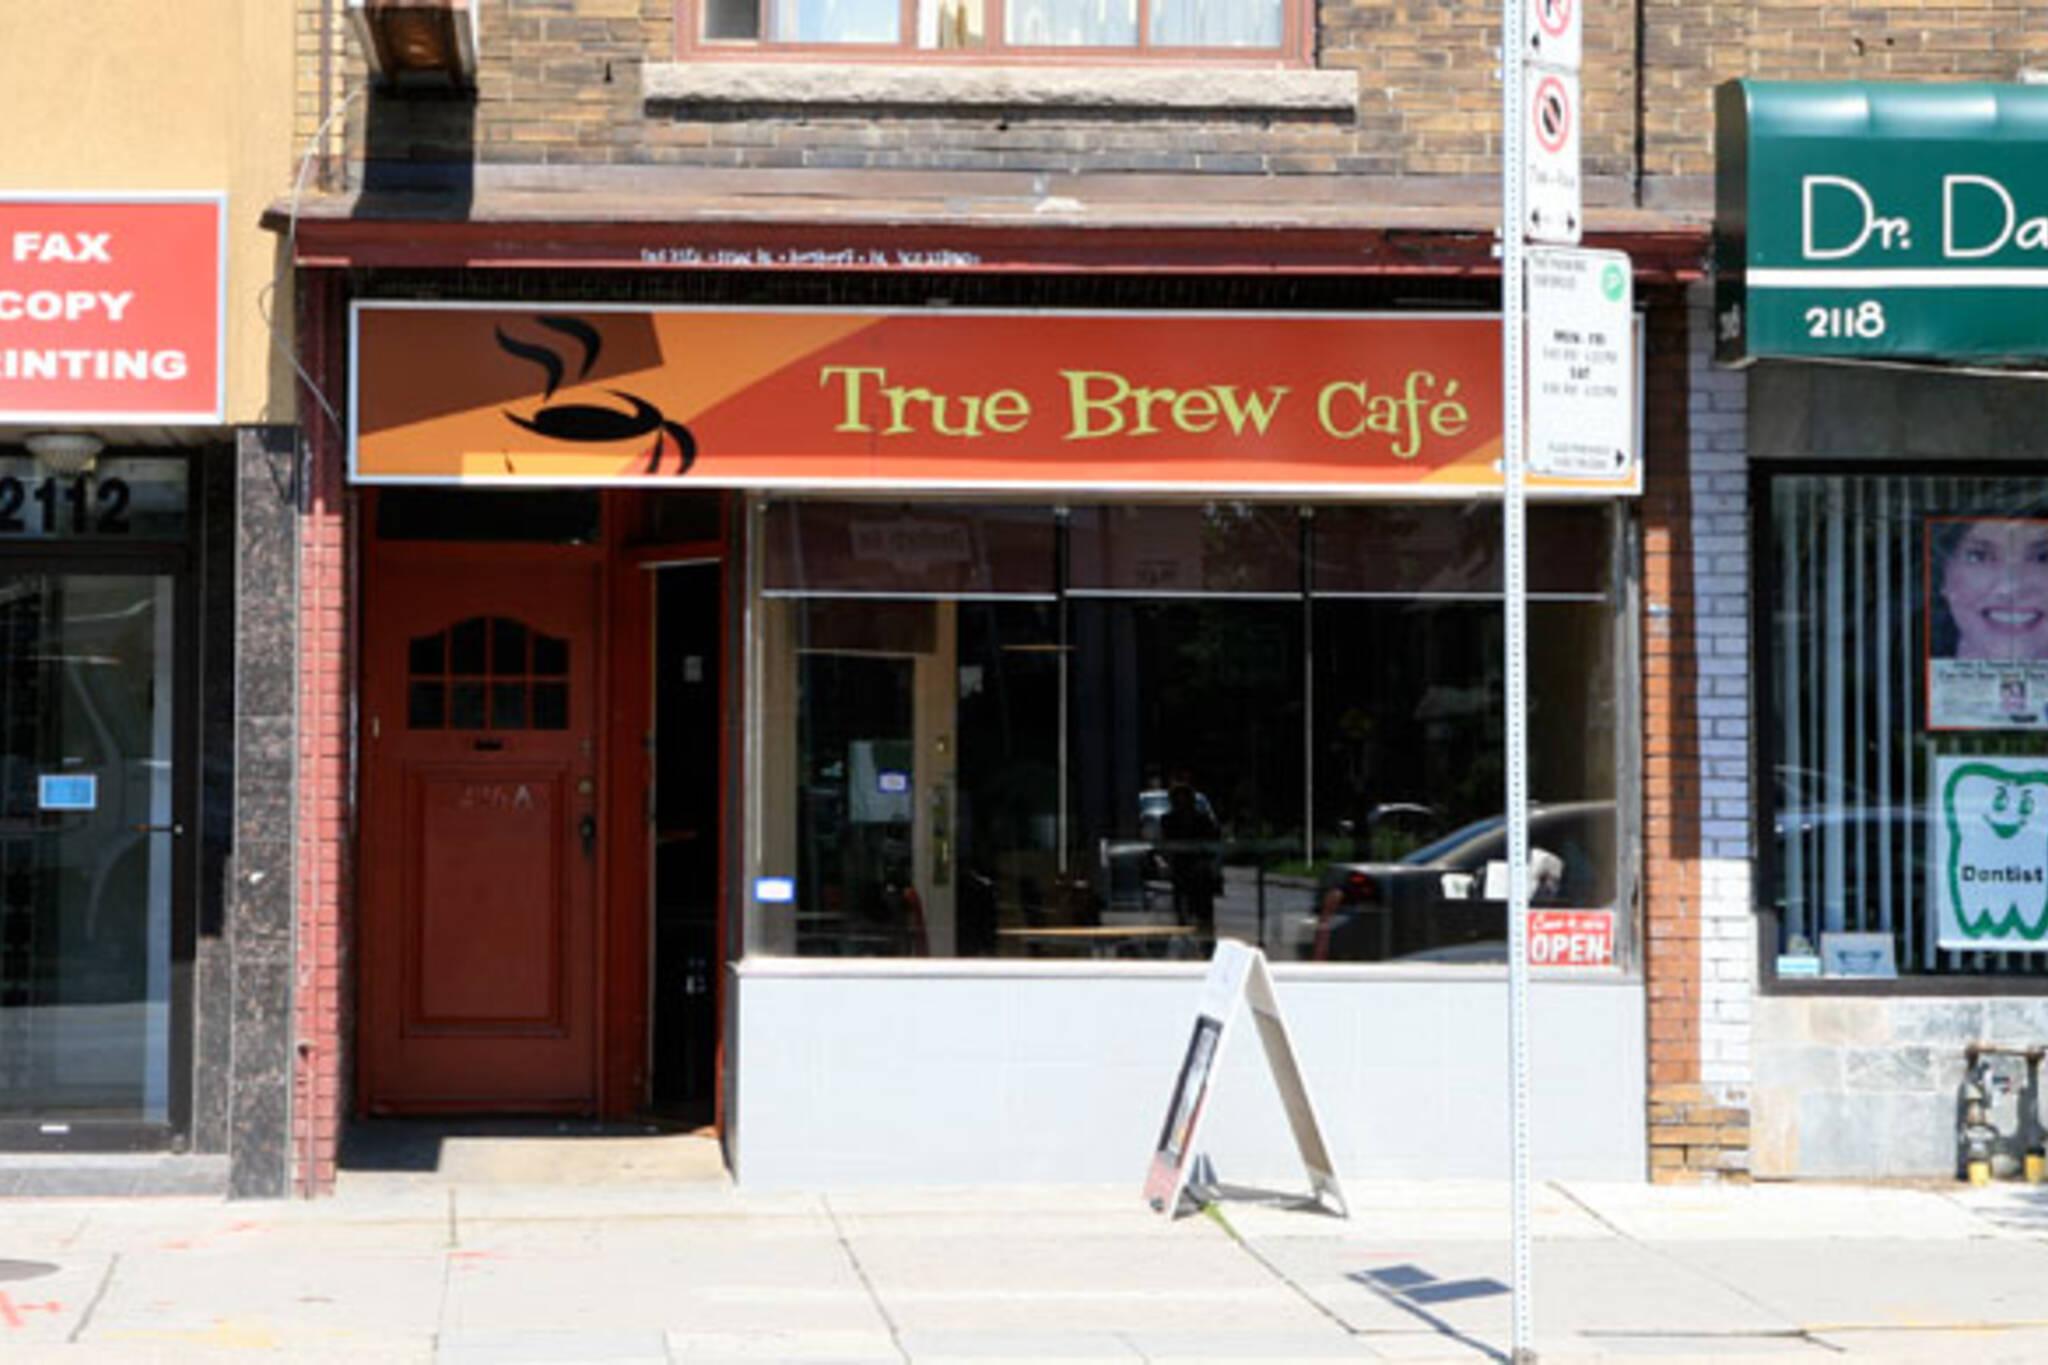 True Brew Cafe Toronto